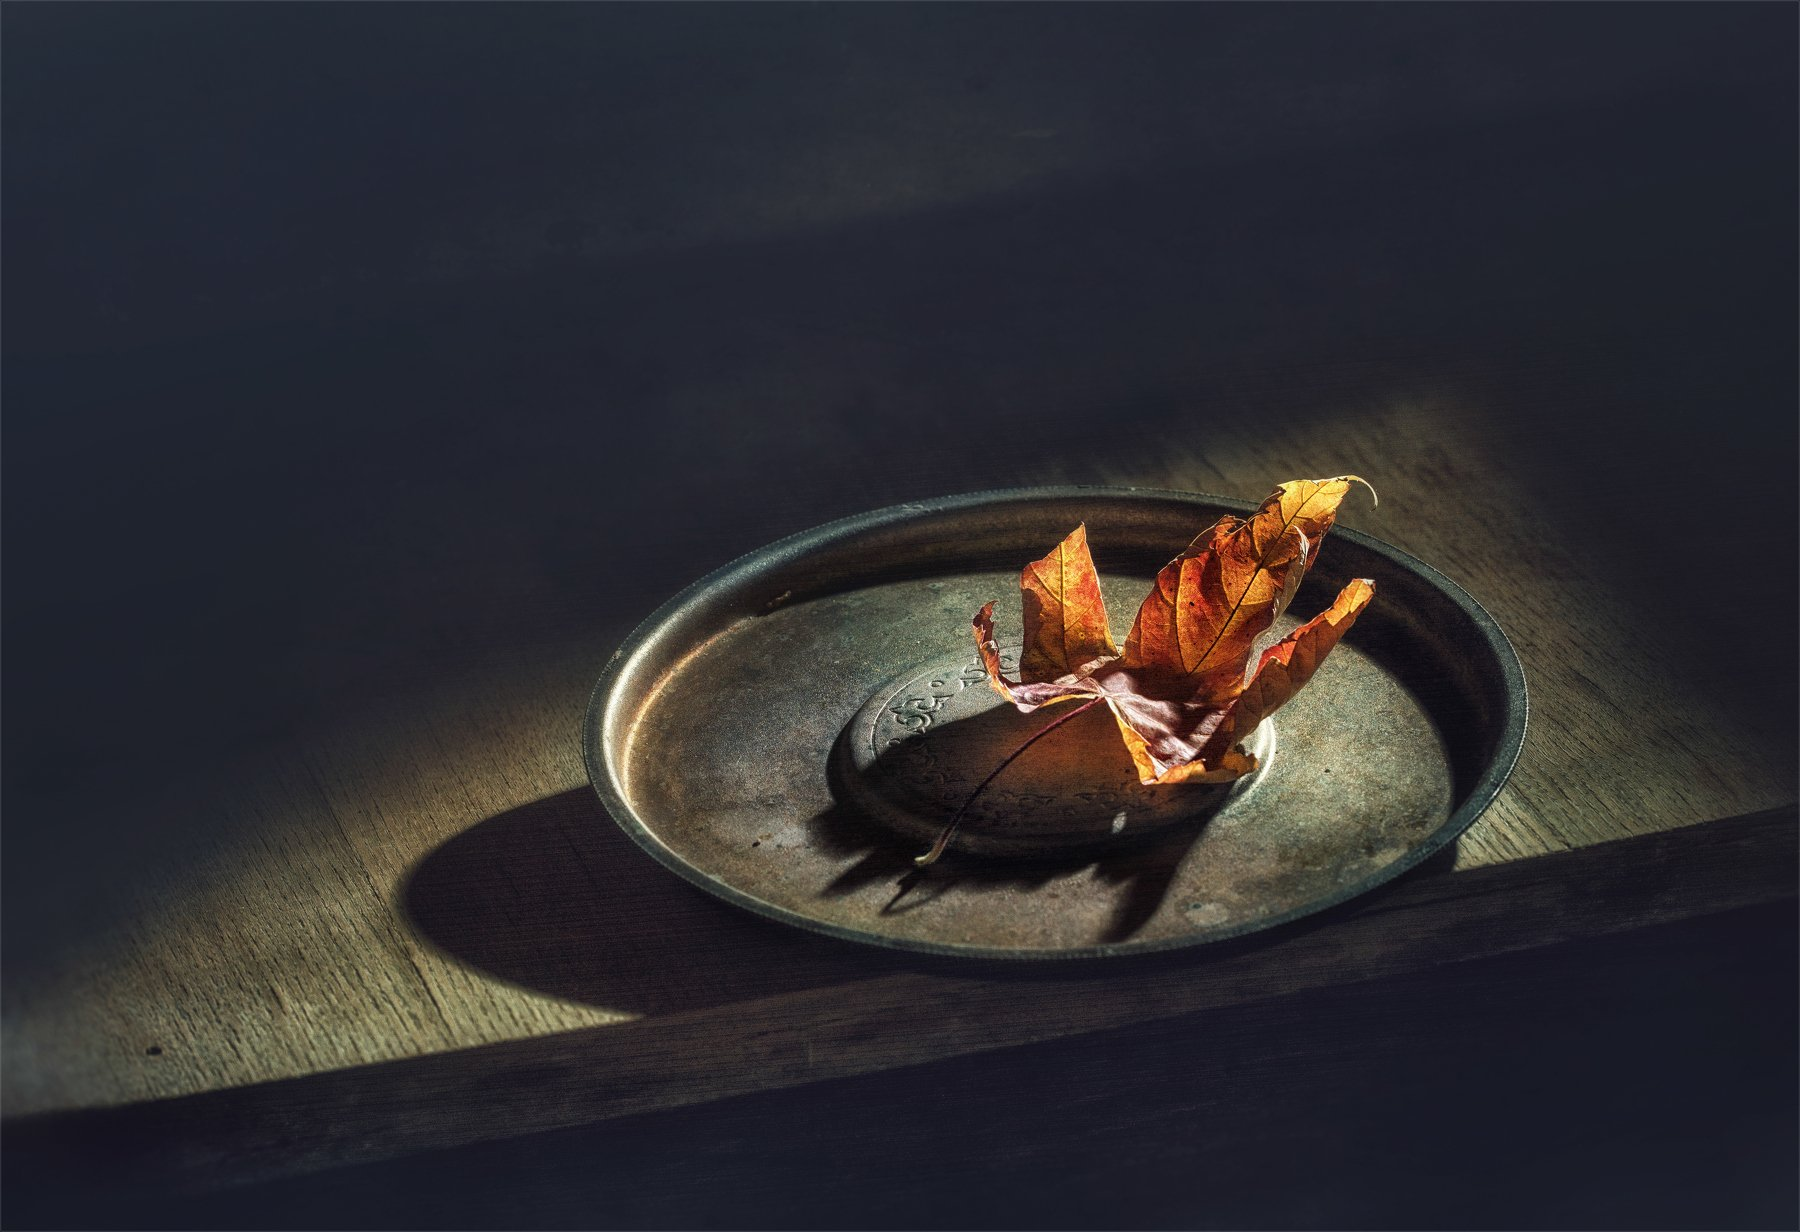 натюрморт, минимализм, кленовый лист, лист, осенние листья, осенние краски, винтаж, свет, тень,, Михаил MSH